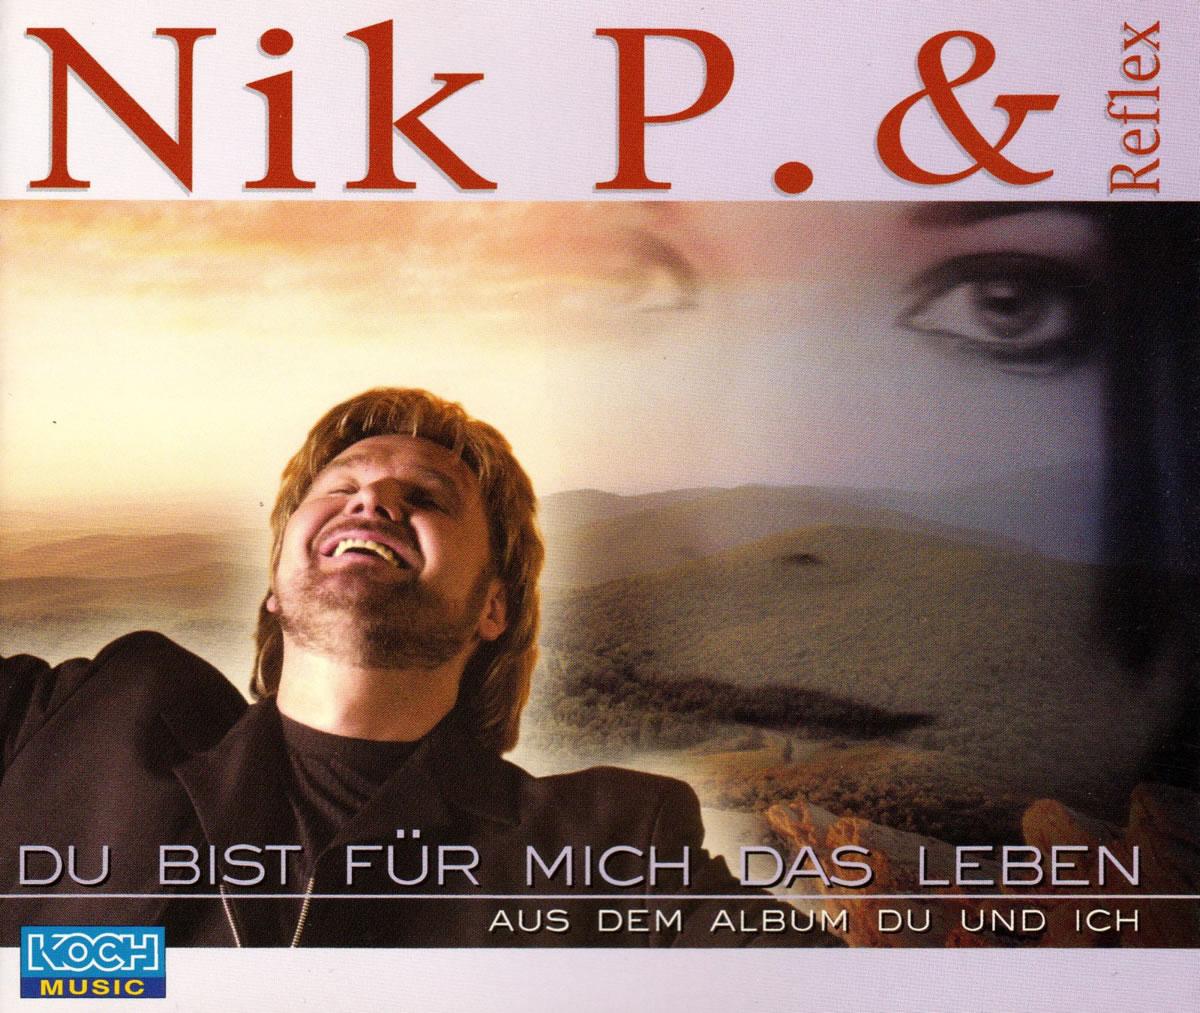 come quello Originale Fattibilità  Nik P. & Reflex - Du bist für mich das Leben - hitparade.ch